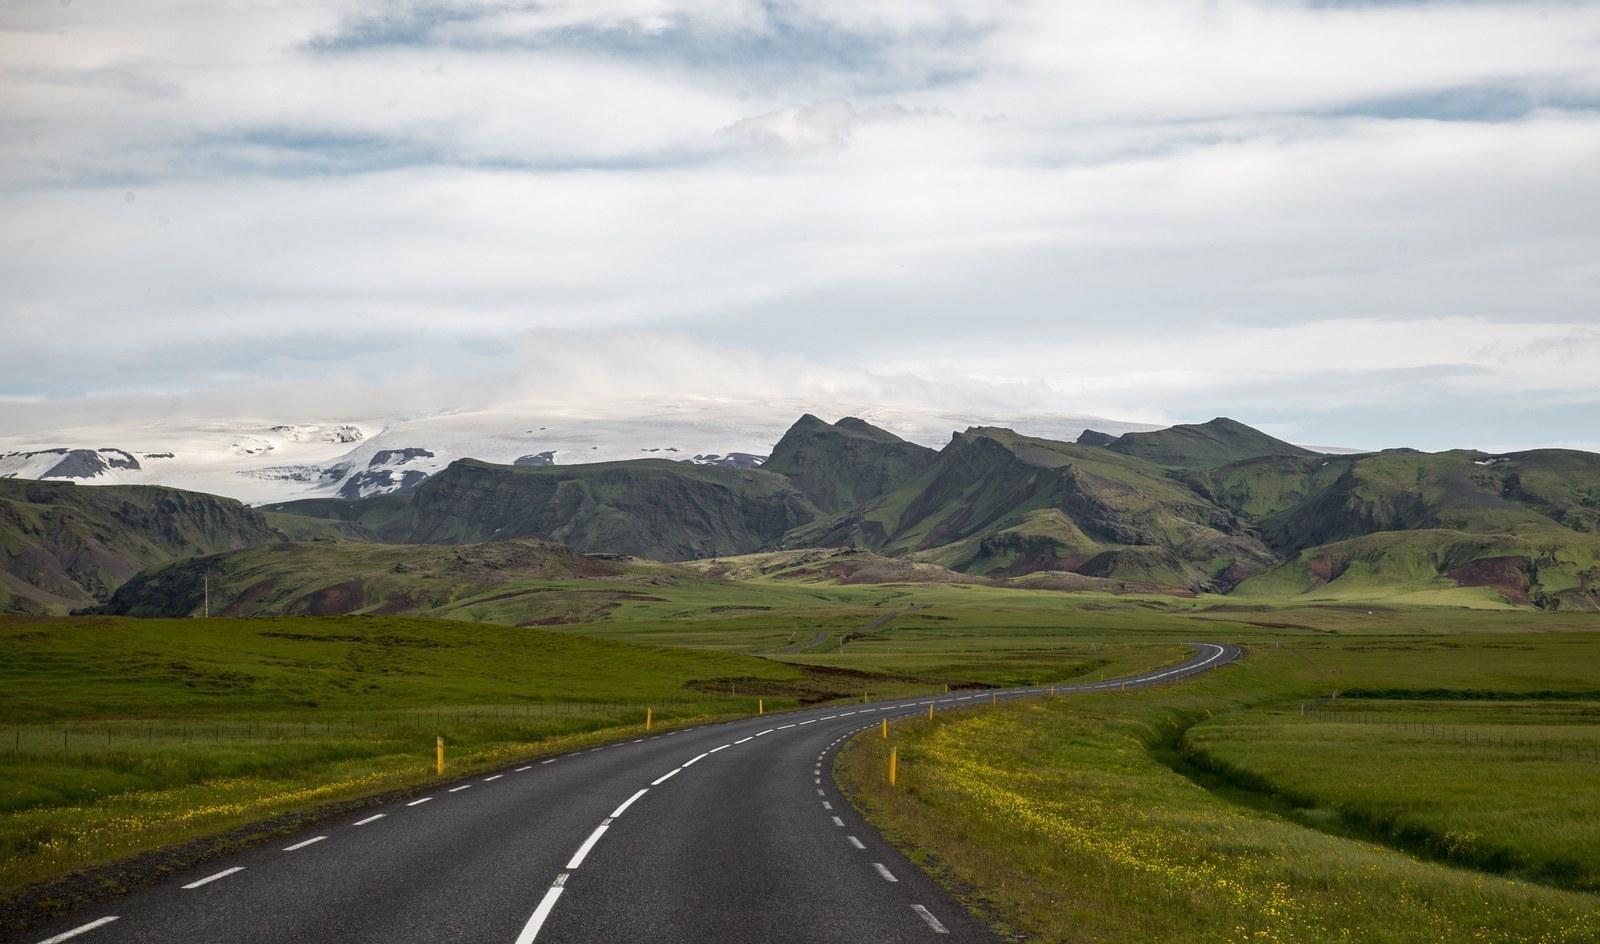 Sur la route 1 non loin de Solheimasandur Solheimasandur